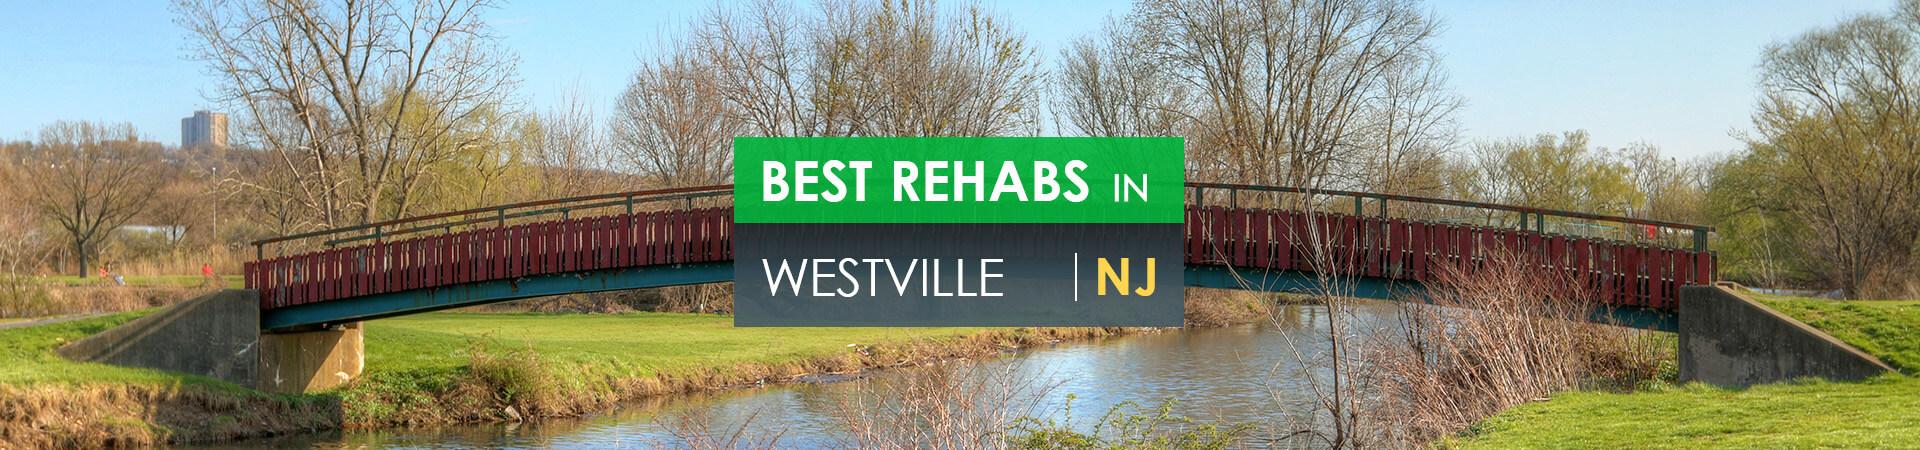 Best rehabs in Westville, NJ